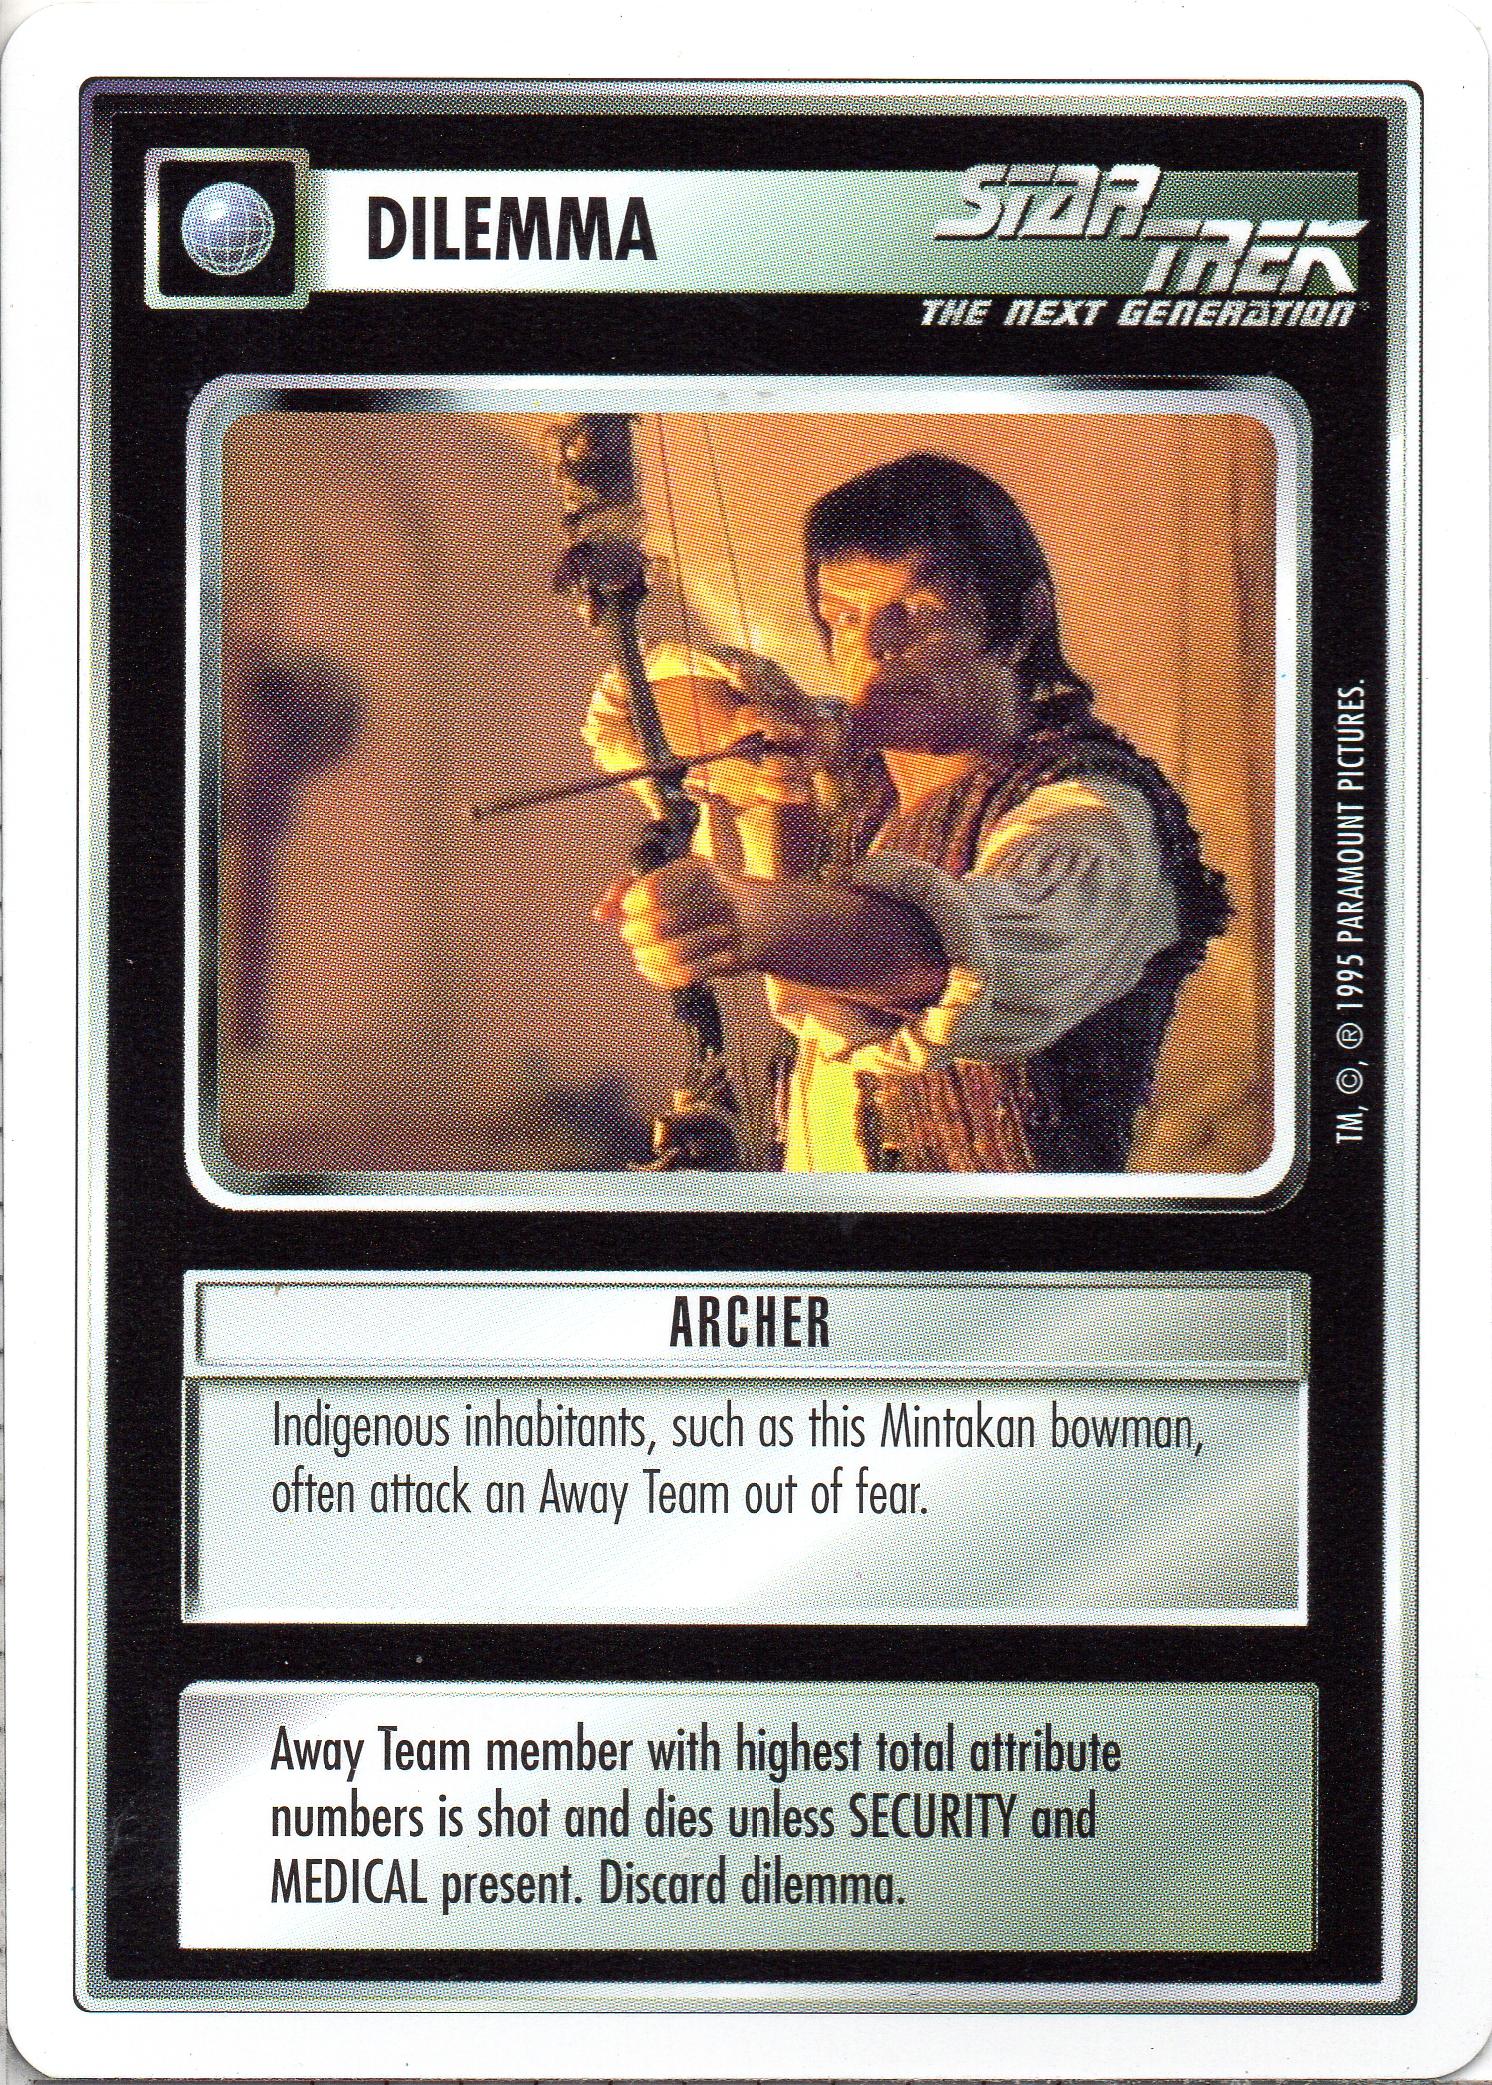 Archer (PU95) | CardGuide Wiki | FANDOM powered by Wikia